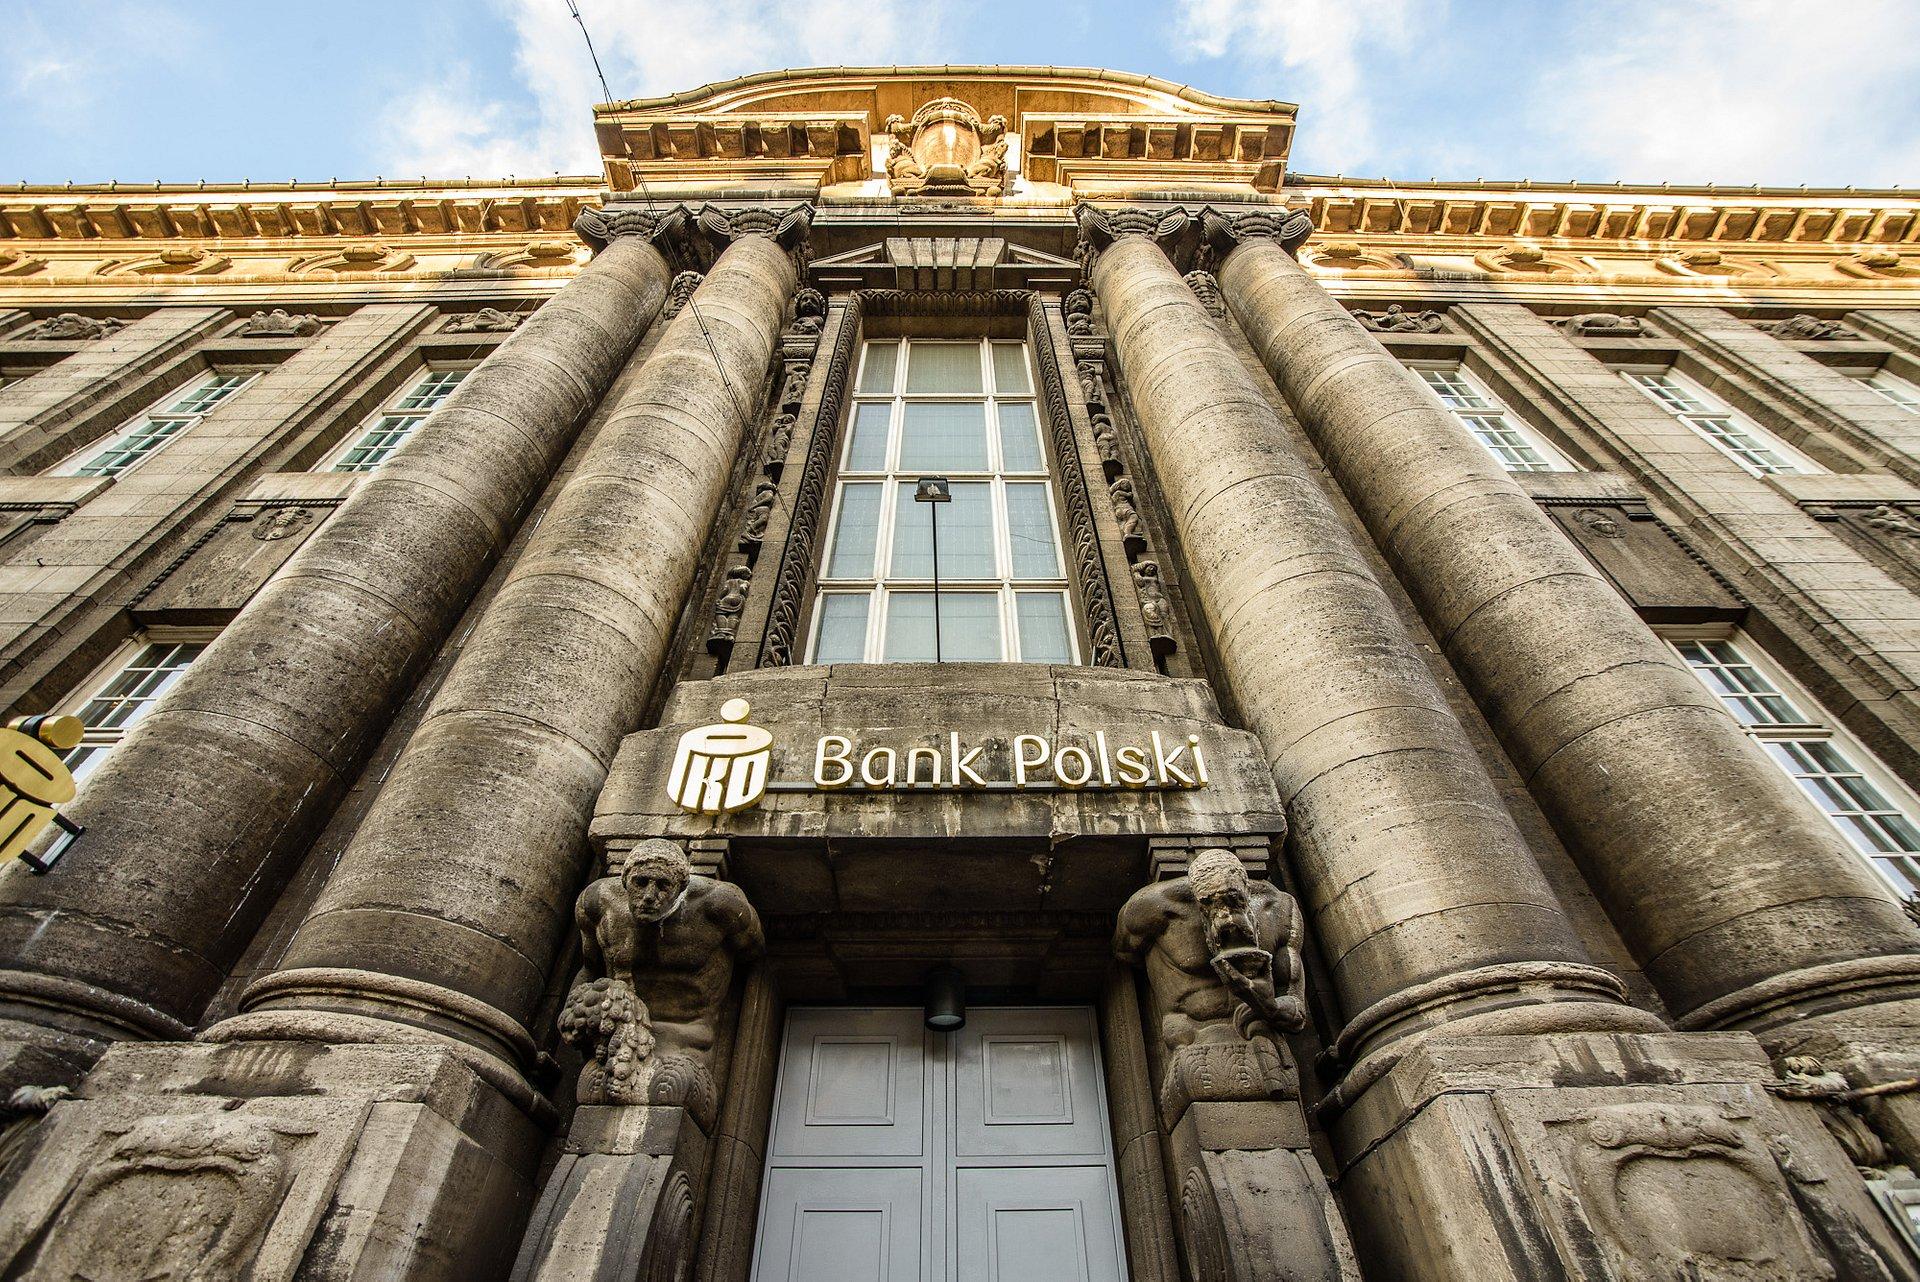 PKO Bank Polski oferuje lokatę strukturyzowaną powiązaną ze spółkami medycznymi